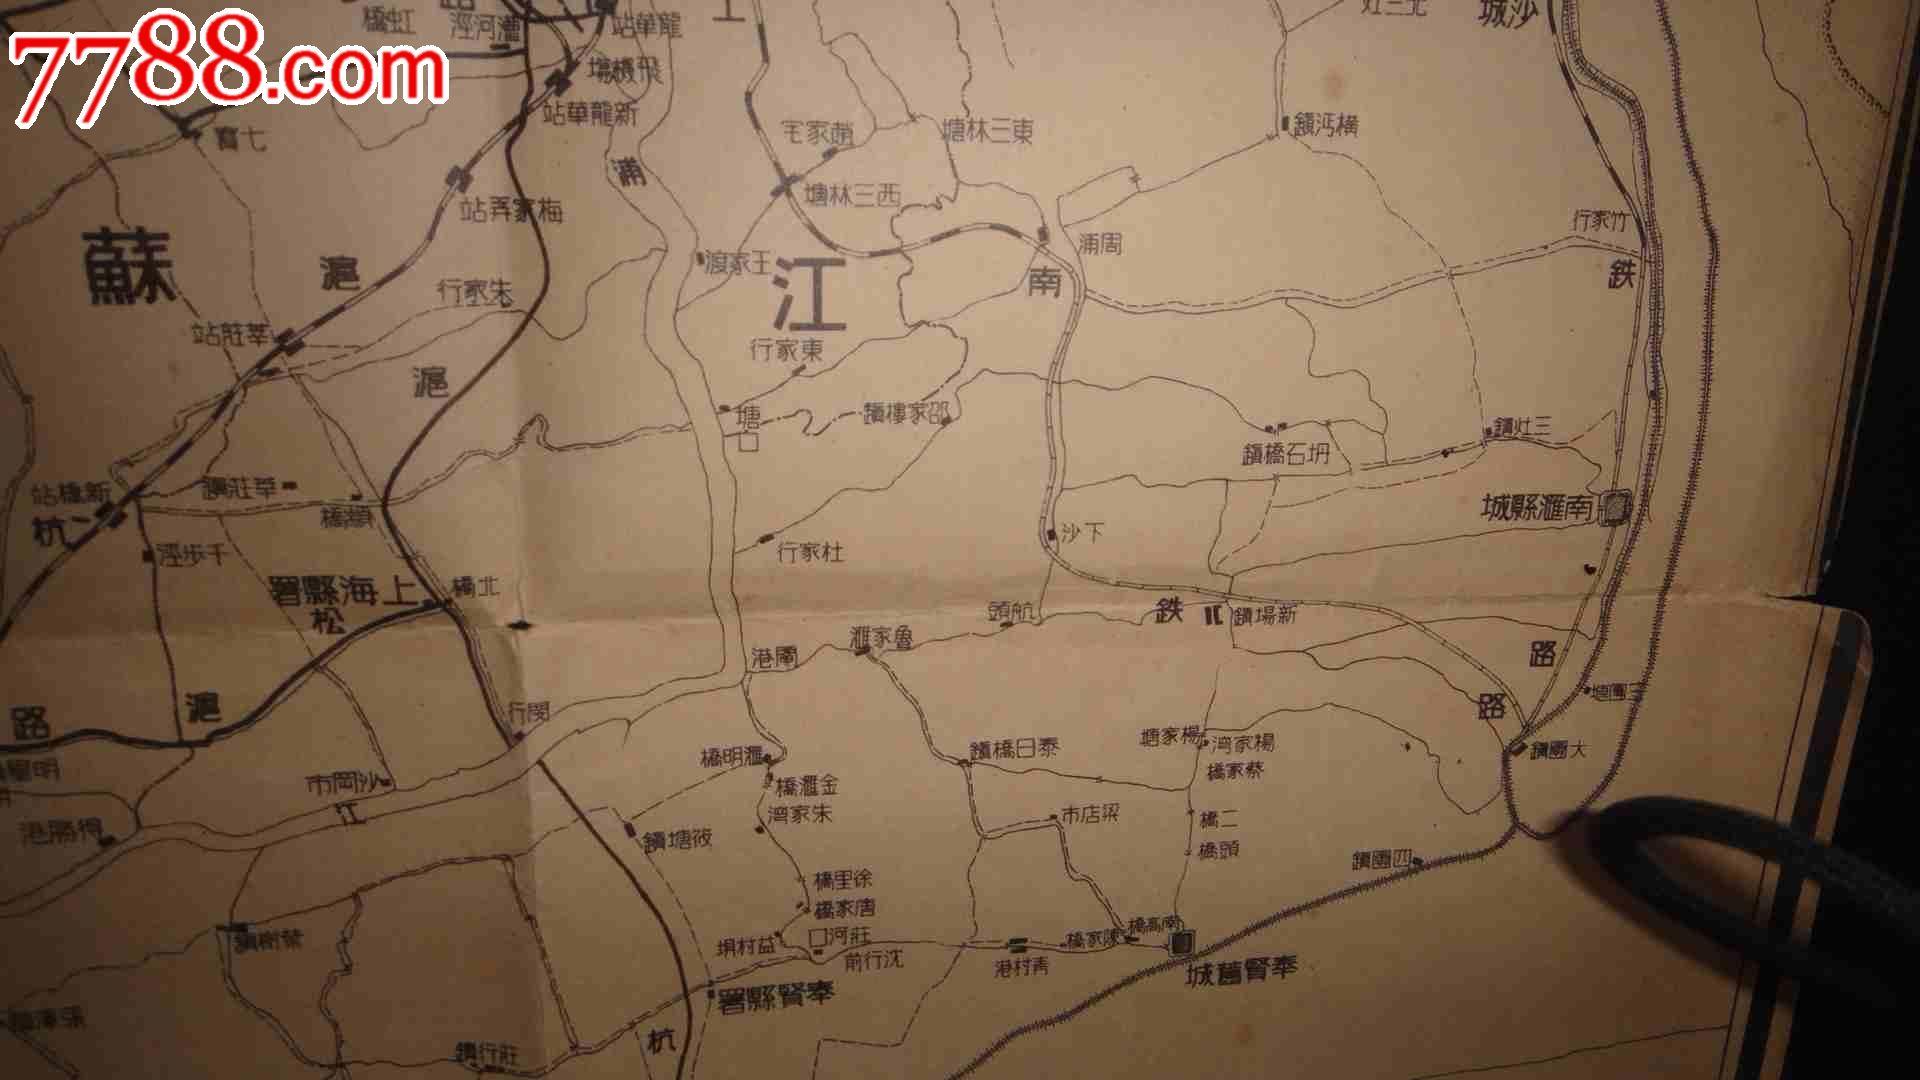 清代地图.上海市附近交通图.36-49厘米.厚纸,上海县署